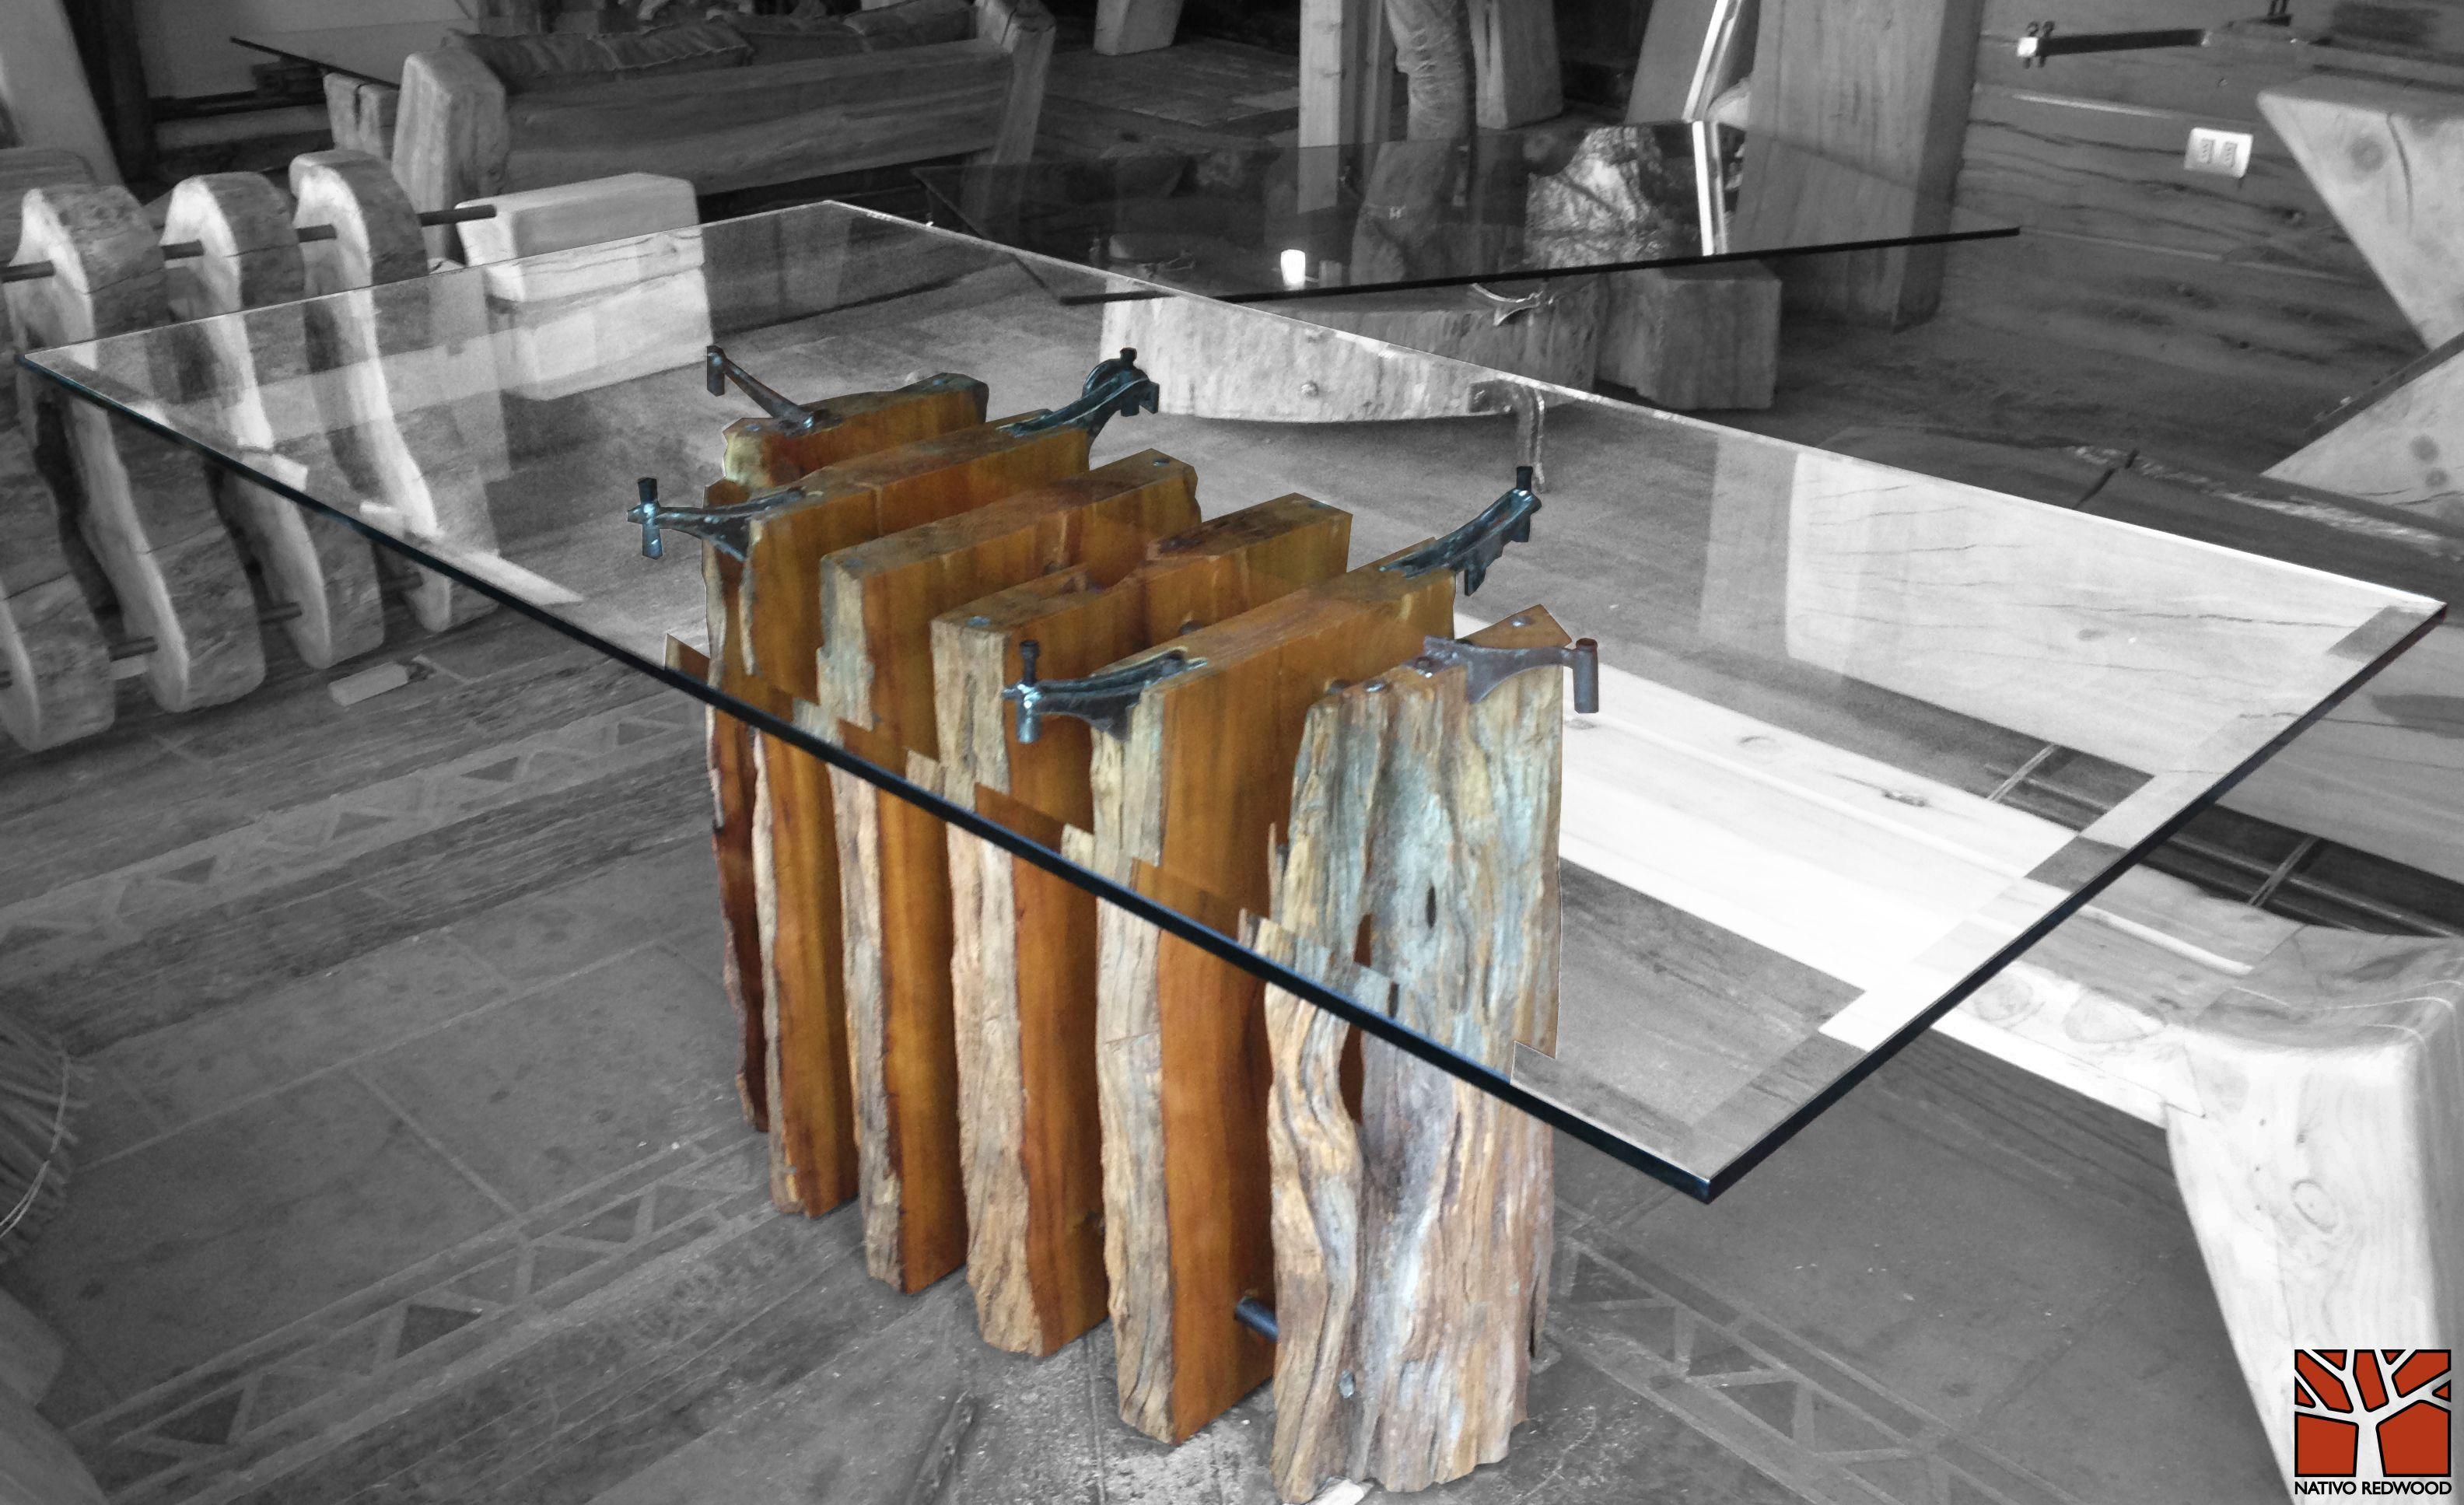 Nativo redwood mesa comedor con base de tronco de madera for Mesa de tronco